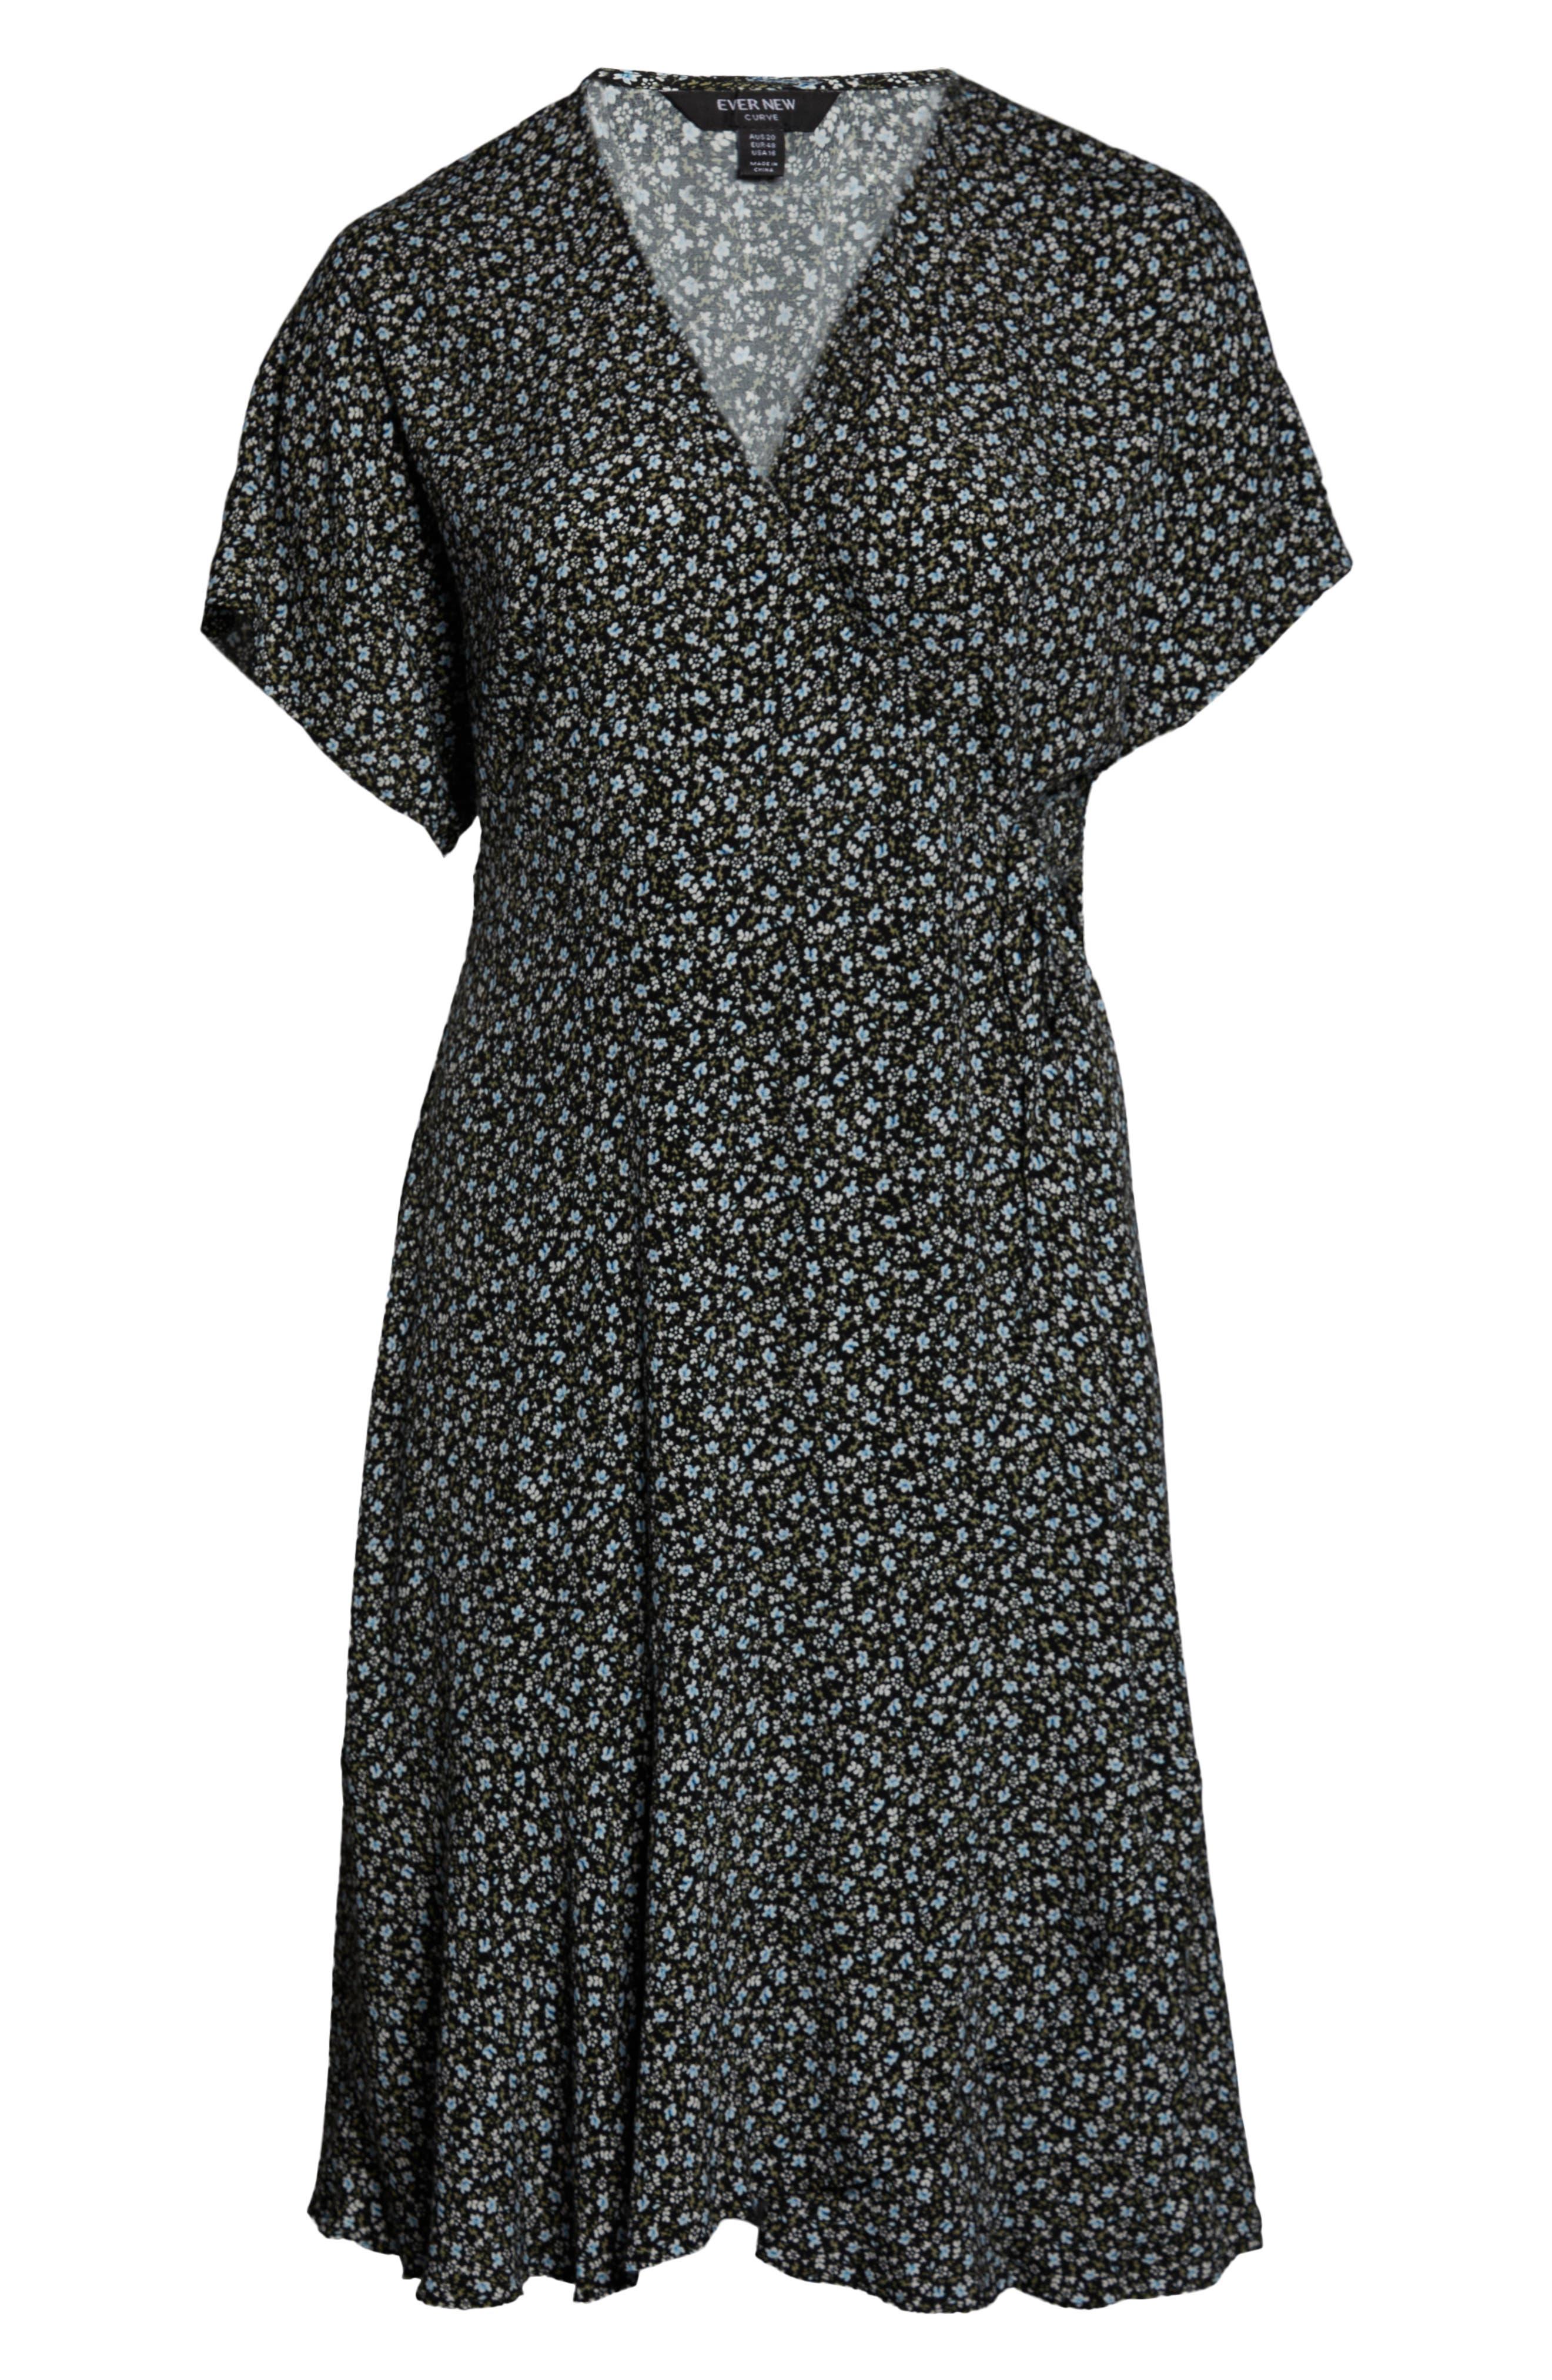 Clementine Dot Print Wrap Dress